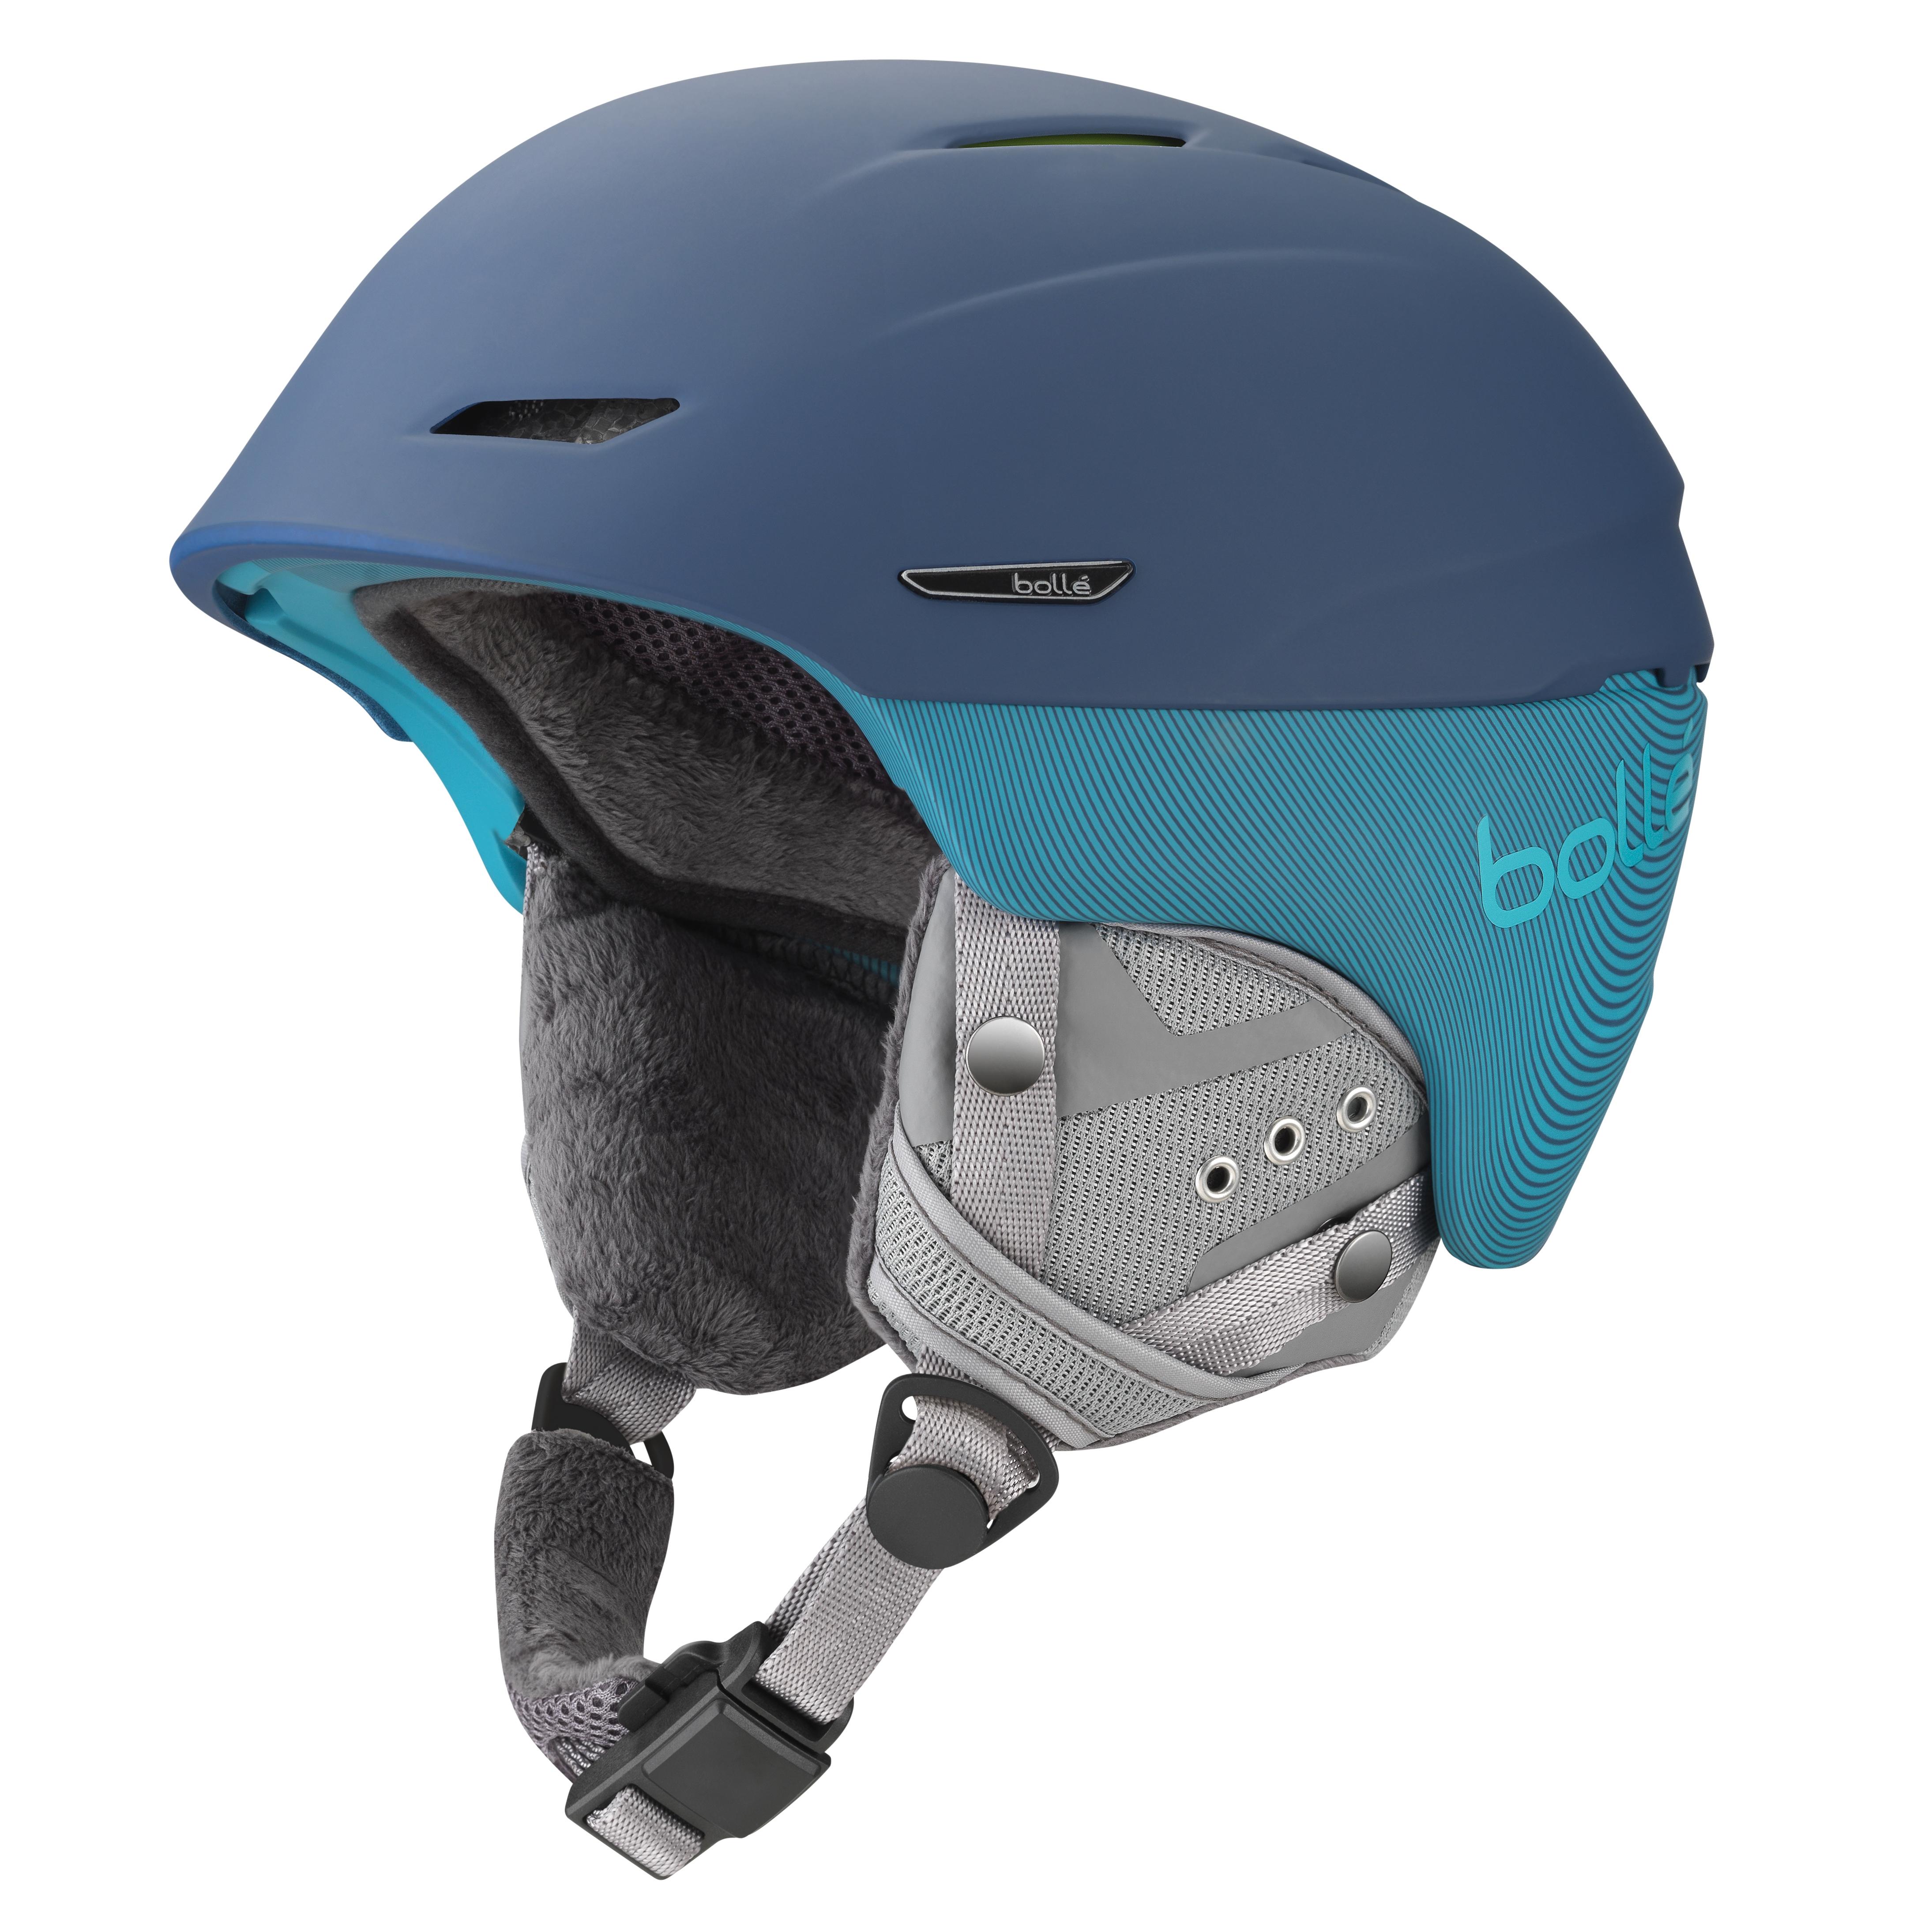 De Soft Casque Precision Green Millenium Blue Ski Bollé Pw6W6qdU